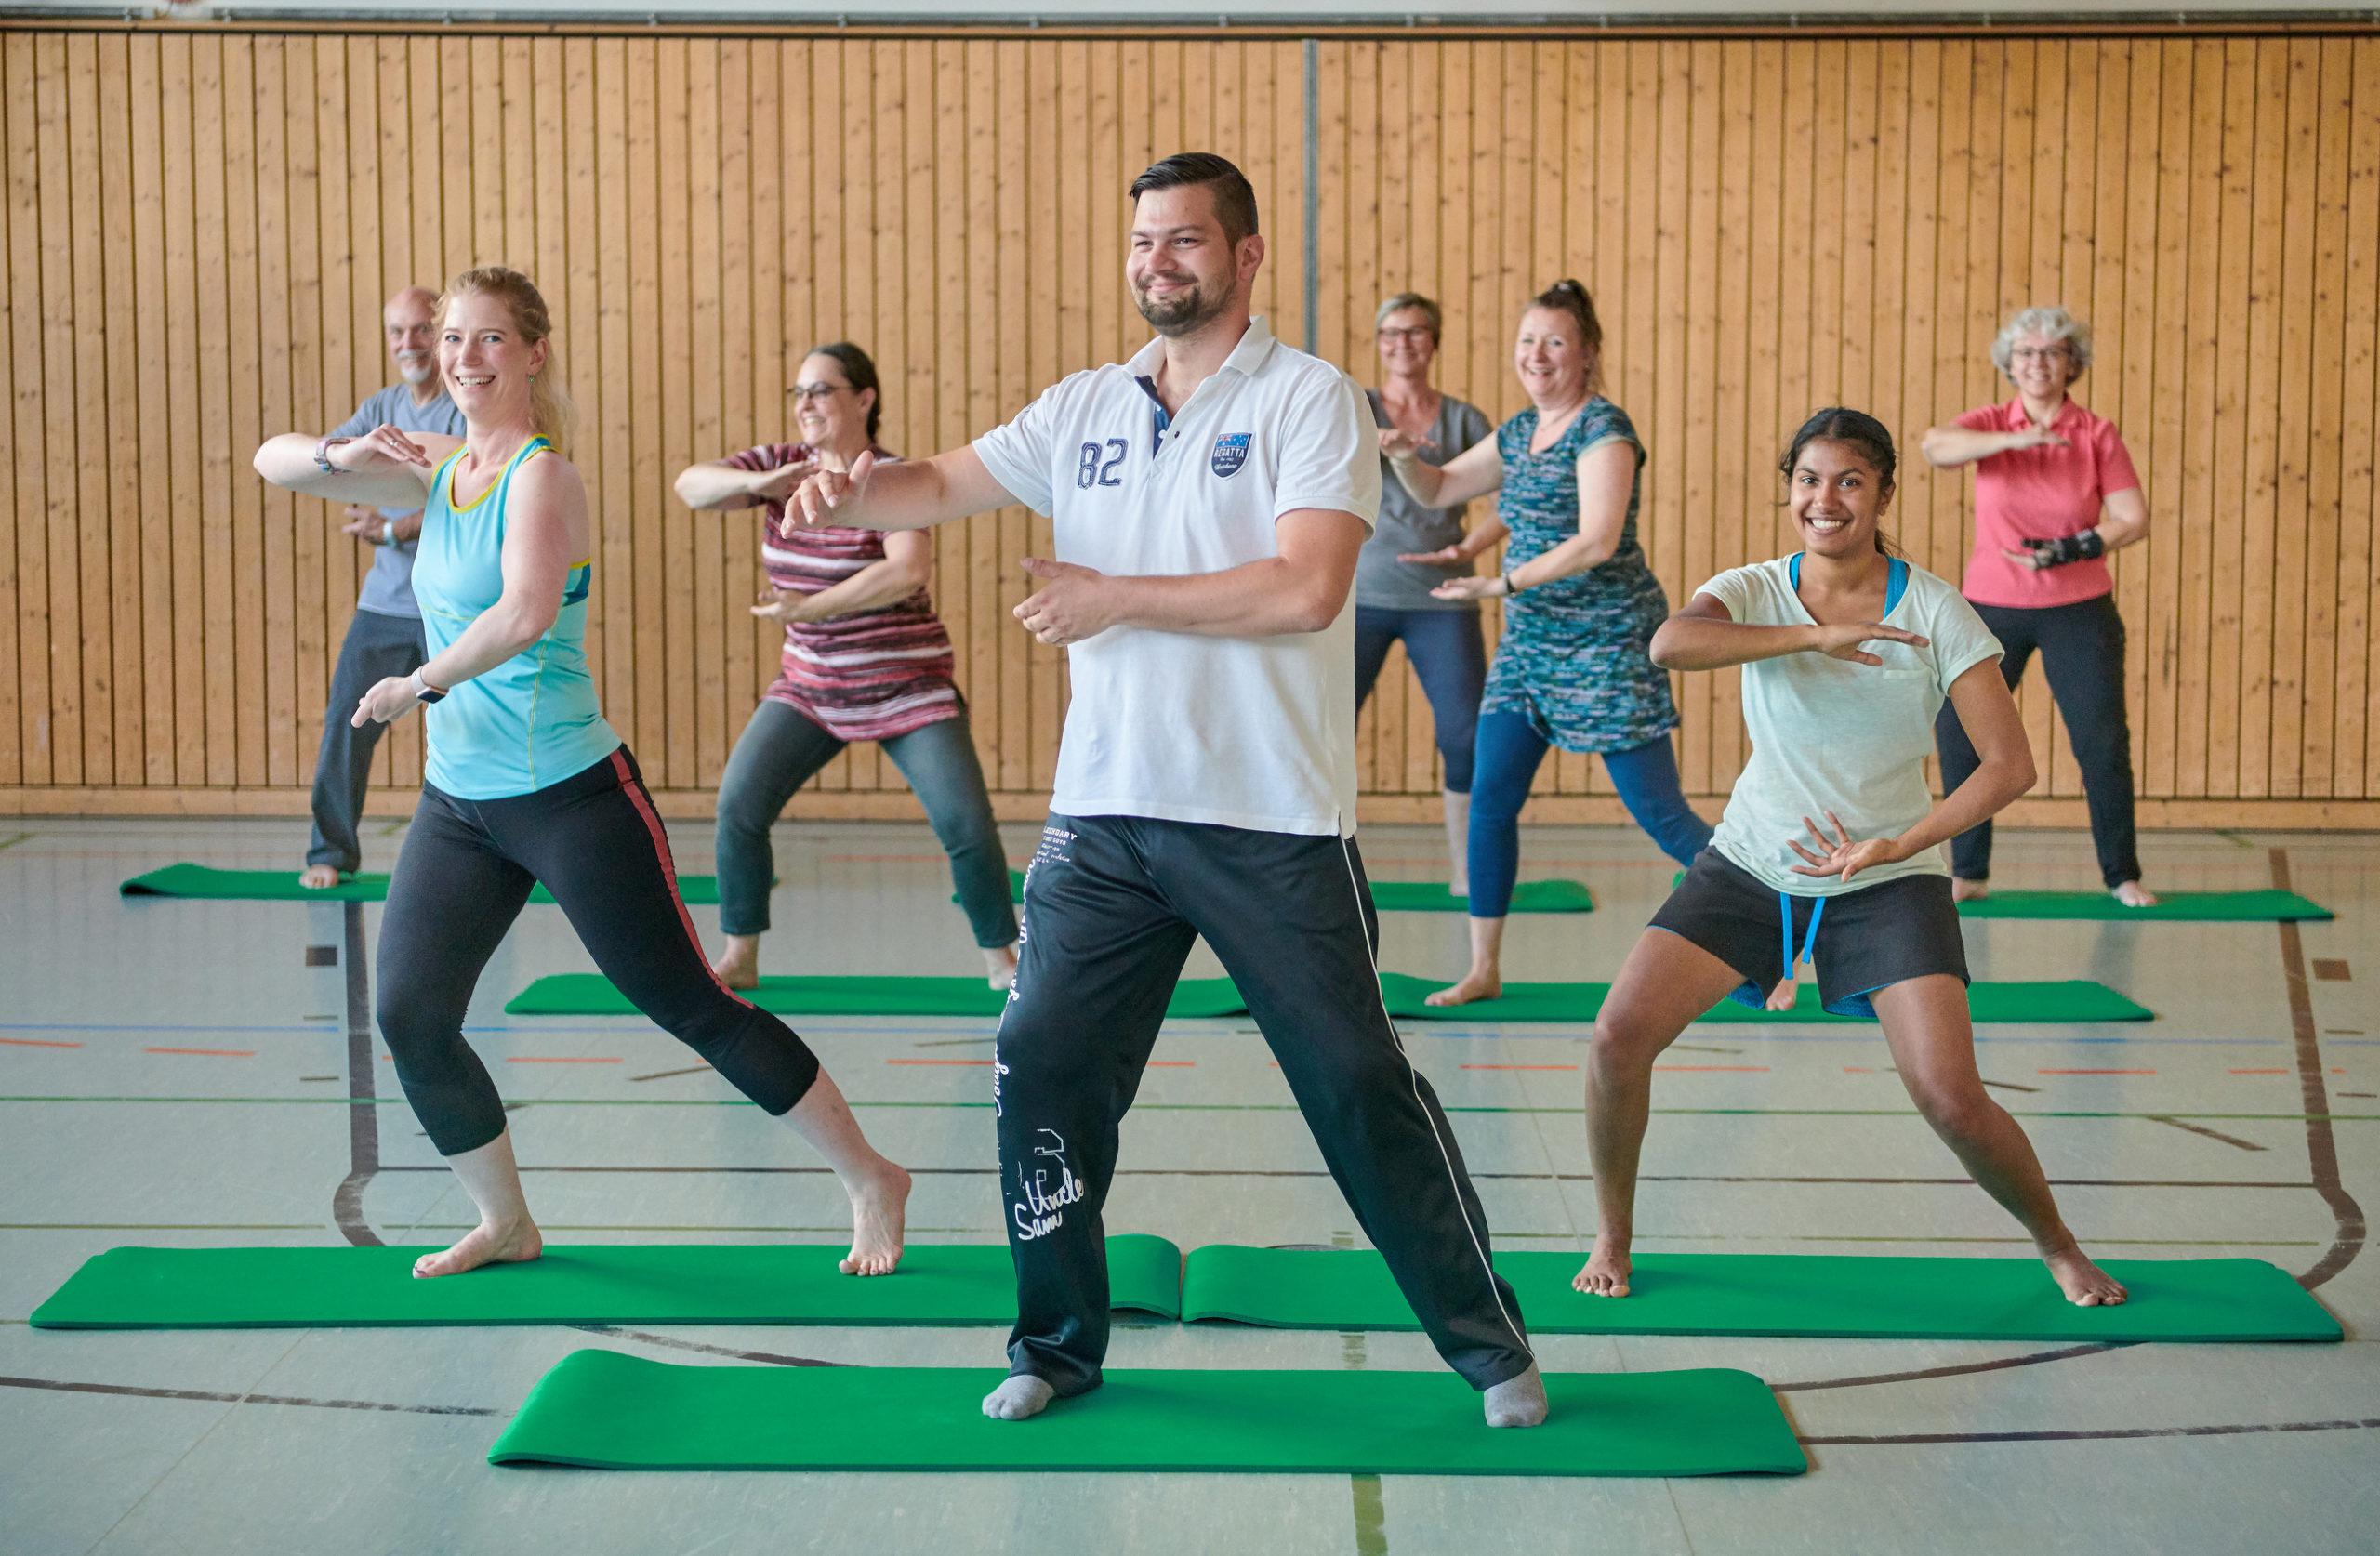 Die Übungen finden  in einer Turnhalle (Trockengymnastik) und stets in einer Gruppe statt.